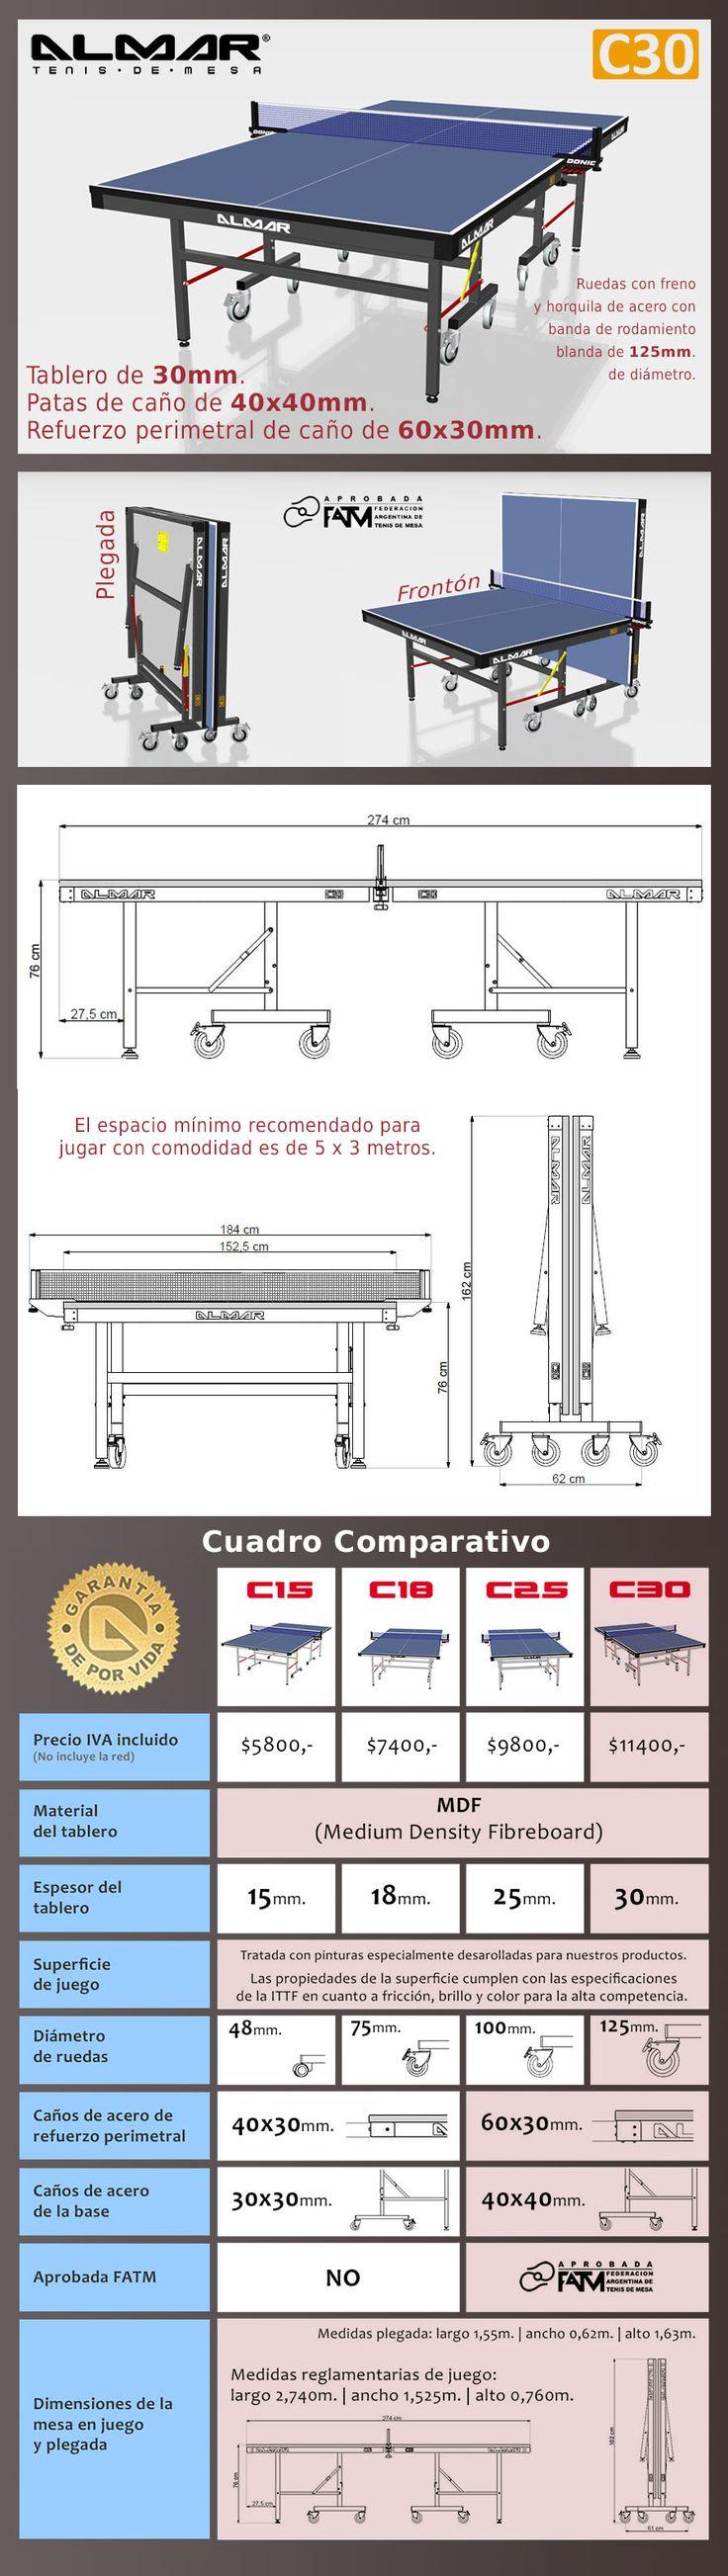 Mesa De Ping Pong Almar C30 - Directo De Fábrica - $ 11.400,00 en Mercado Libre